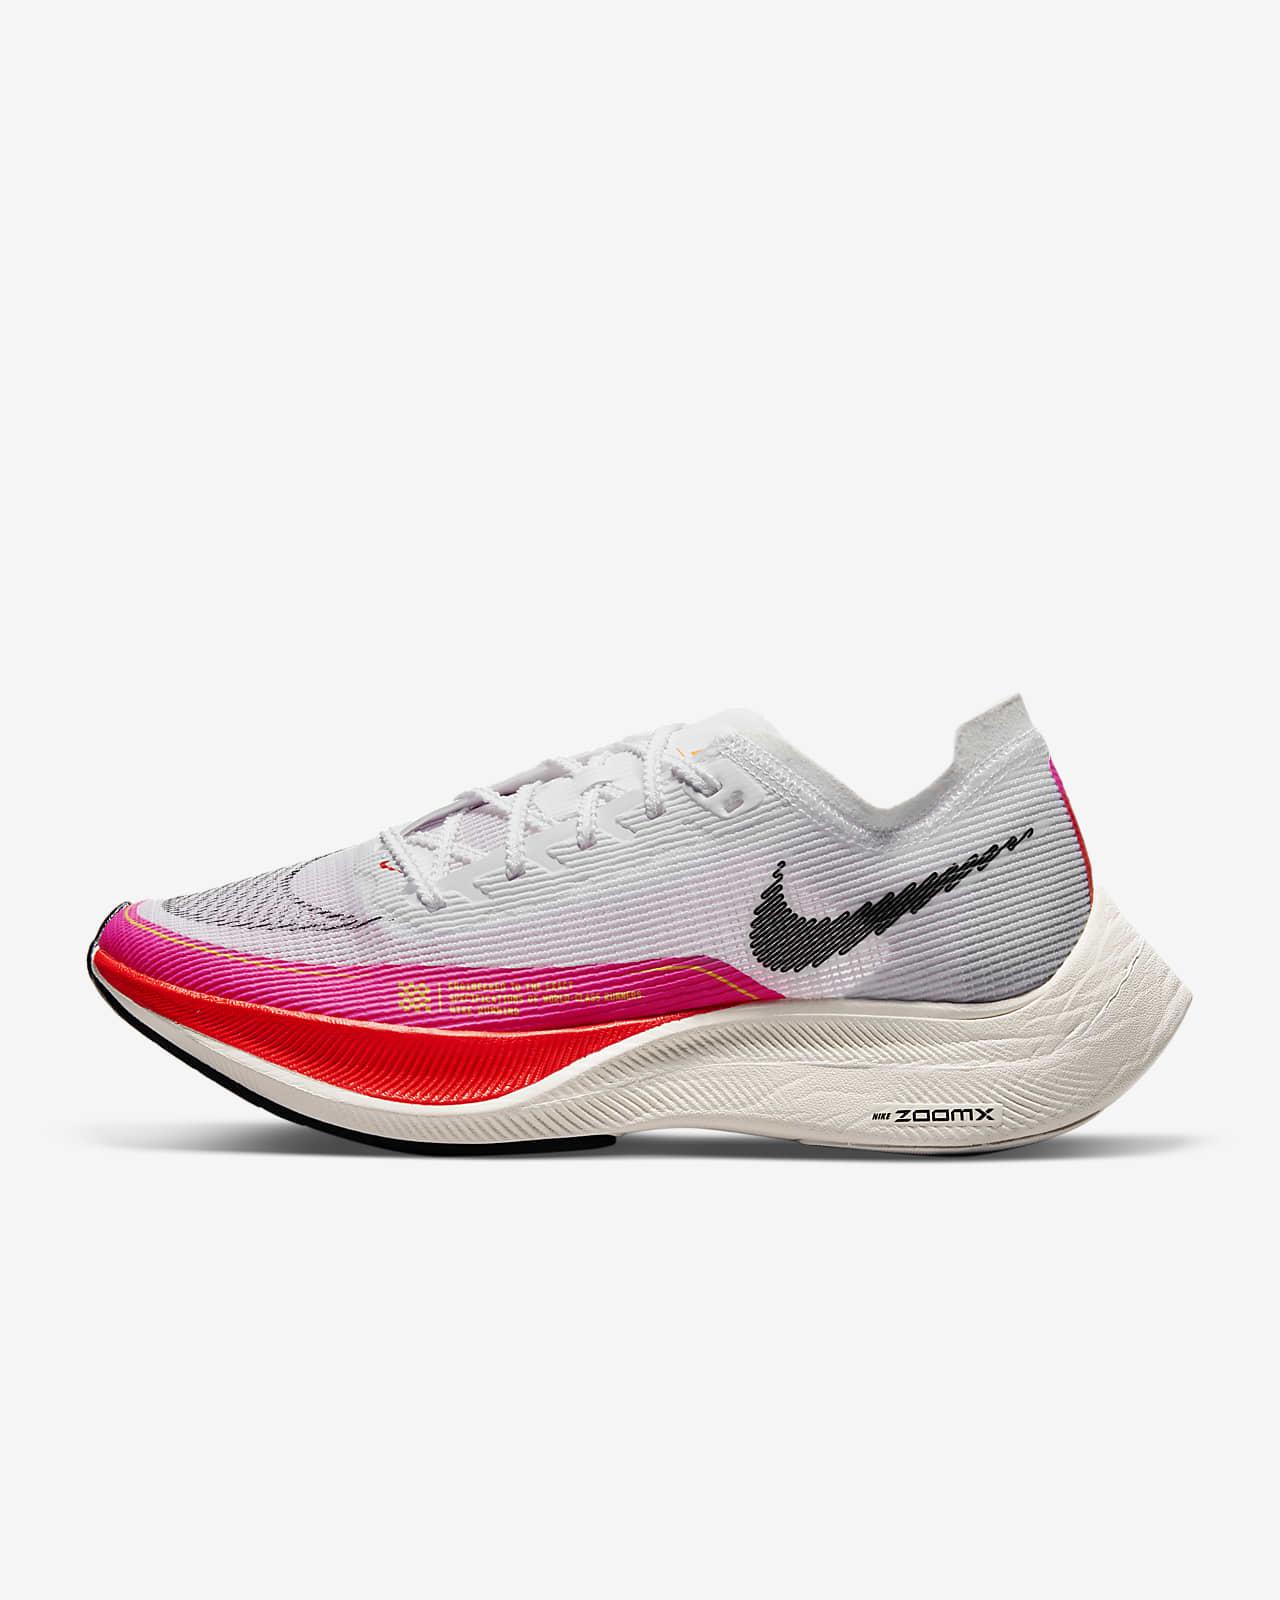 Женские кроссовки для забегов по шоссе Nike ZoomX Vaporfly Next% 2